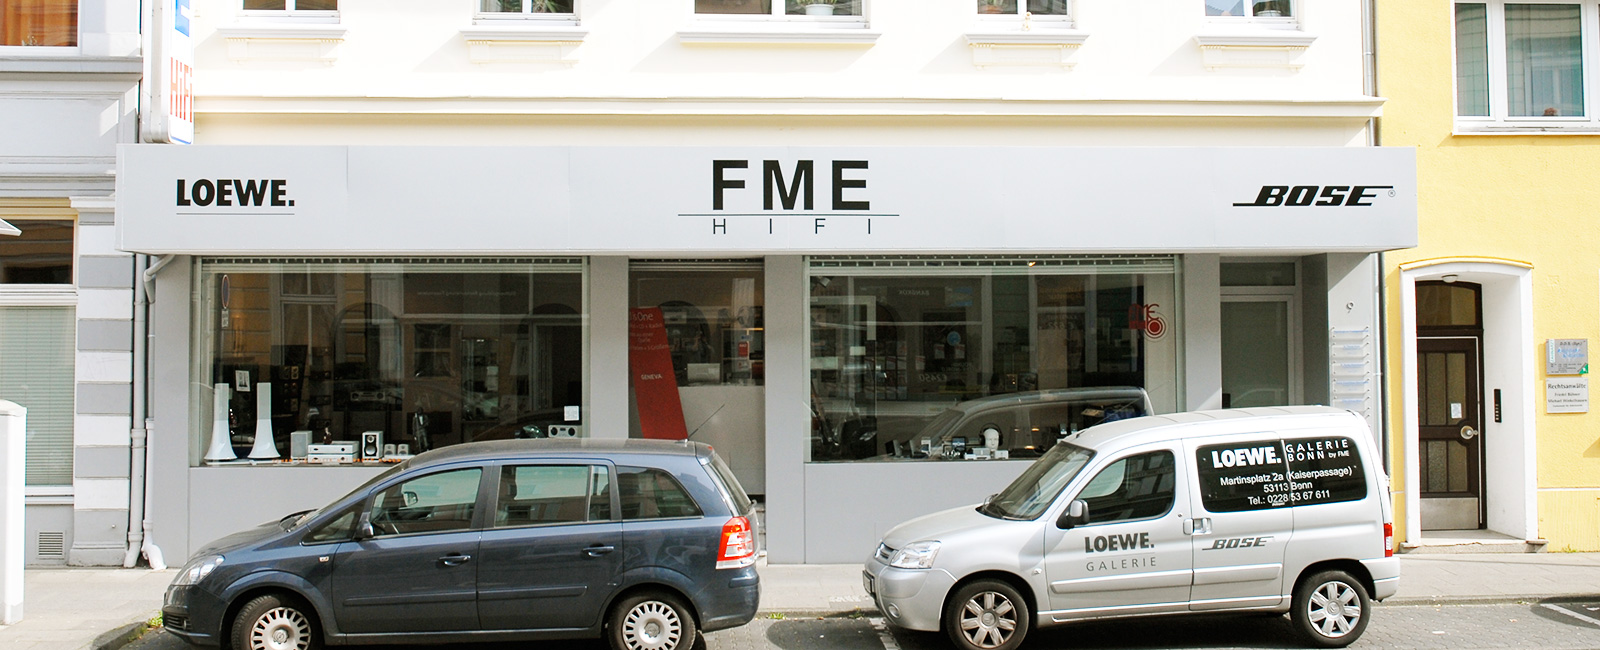 fme_impressum